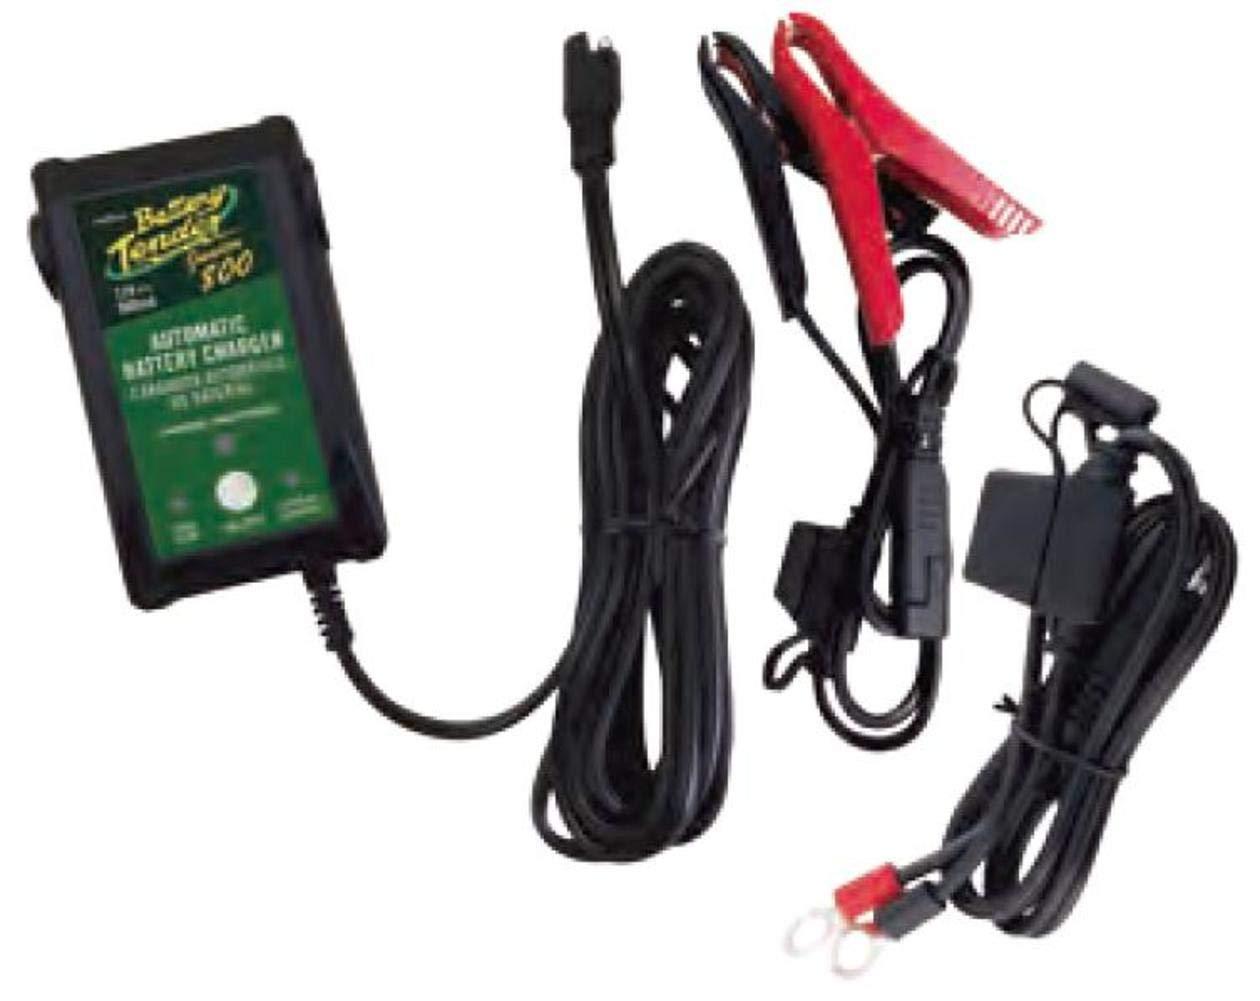 Battery Tender 022-0199-DL-WH Black, Green 12V Marine